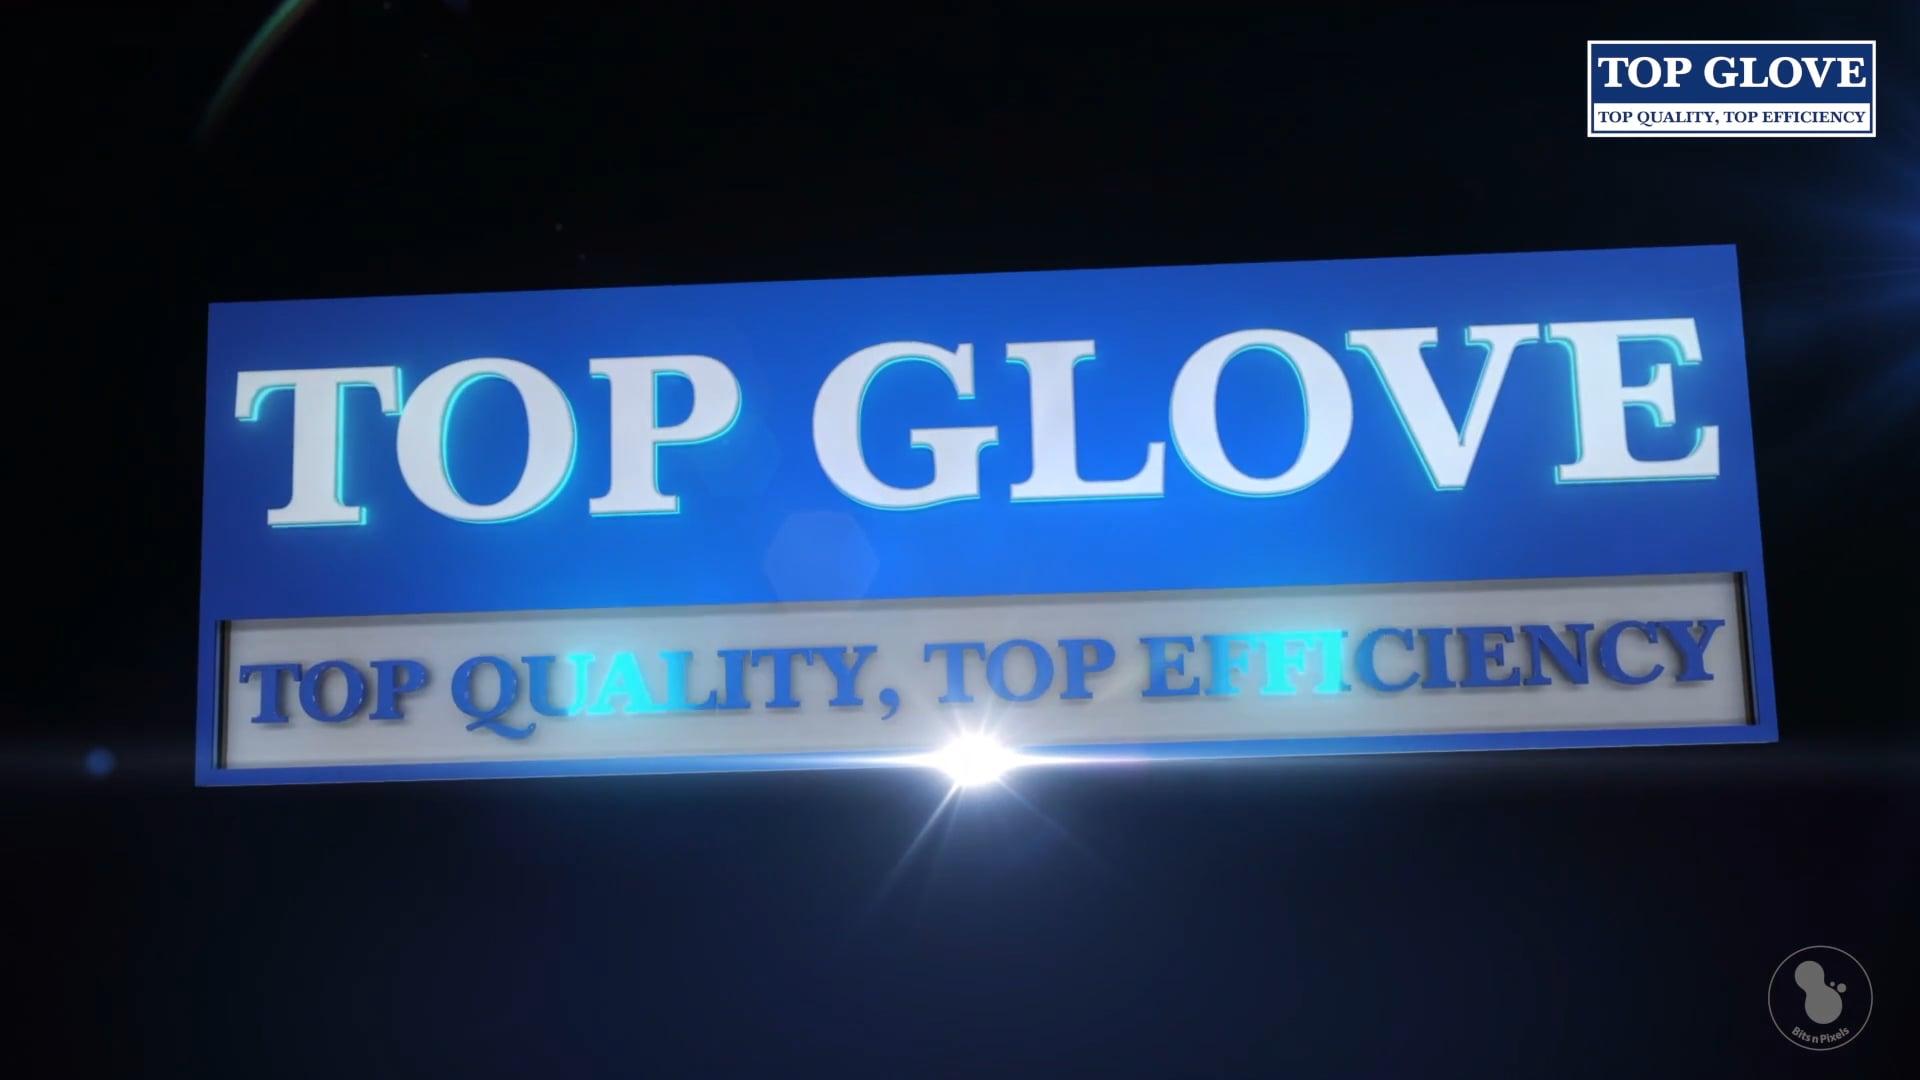 World's Largest Glove Manufacturer